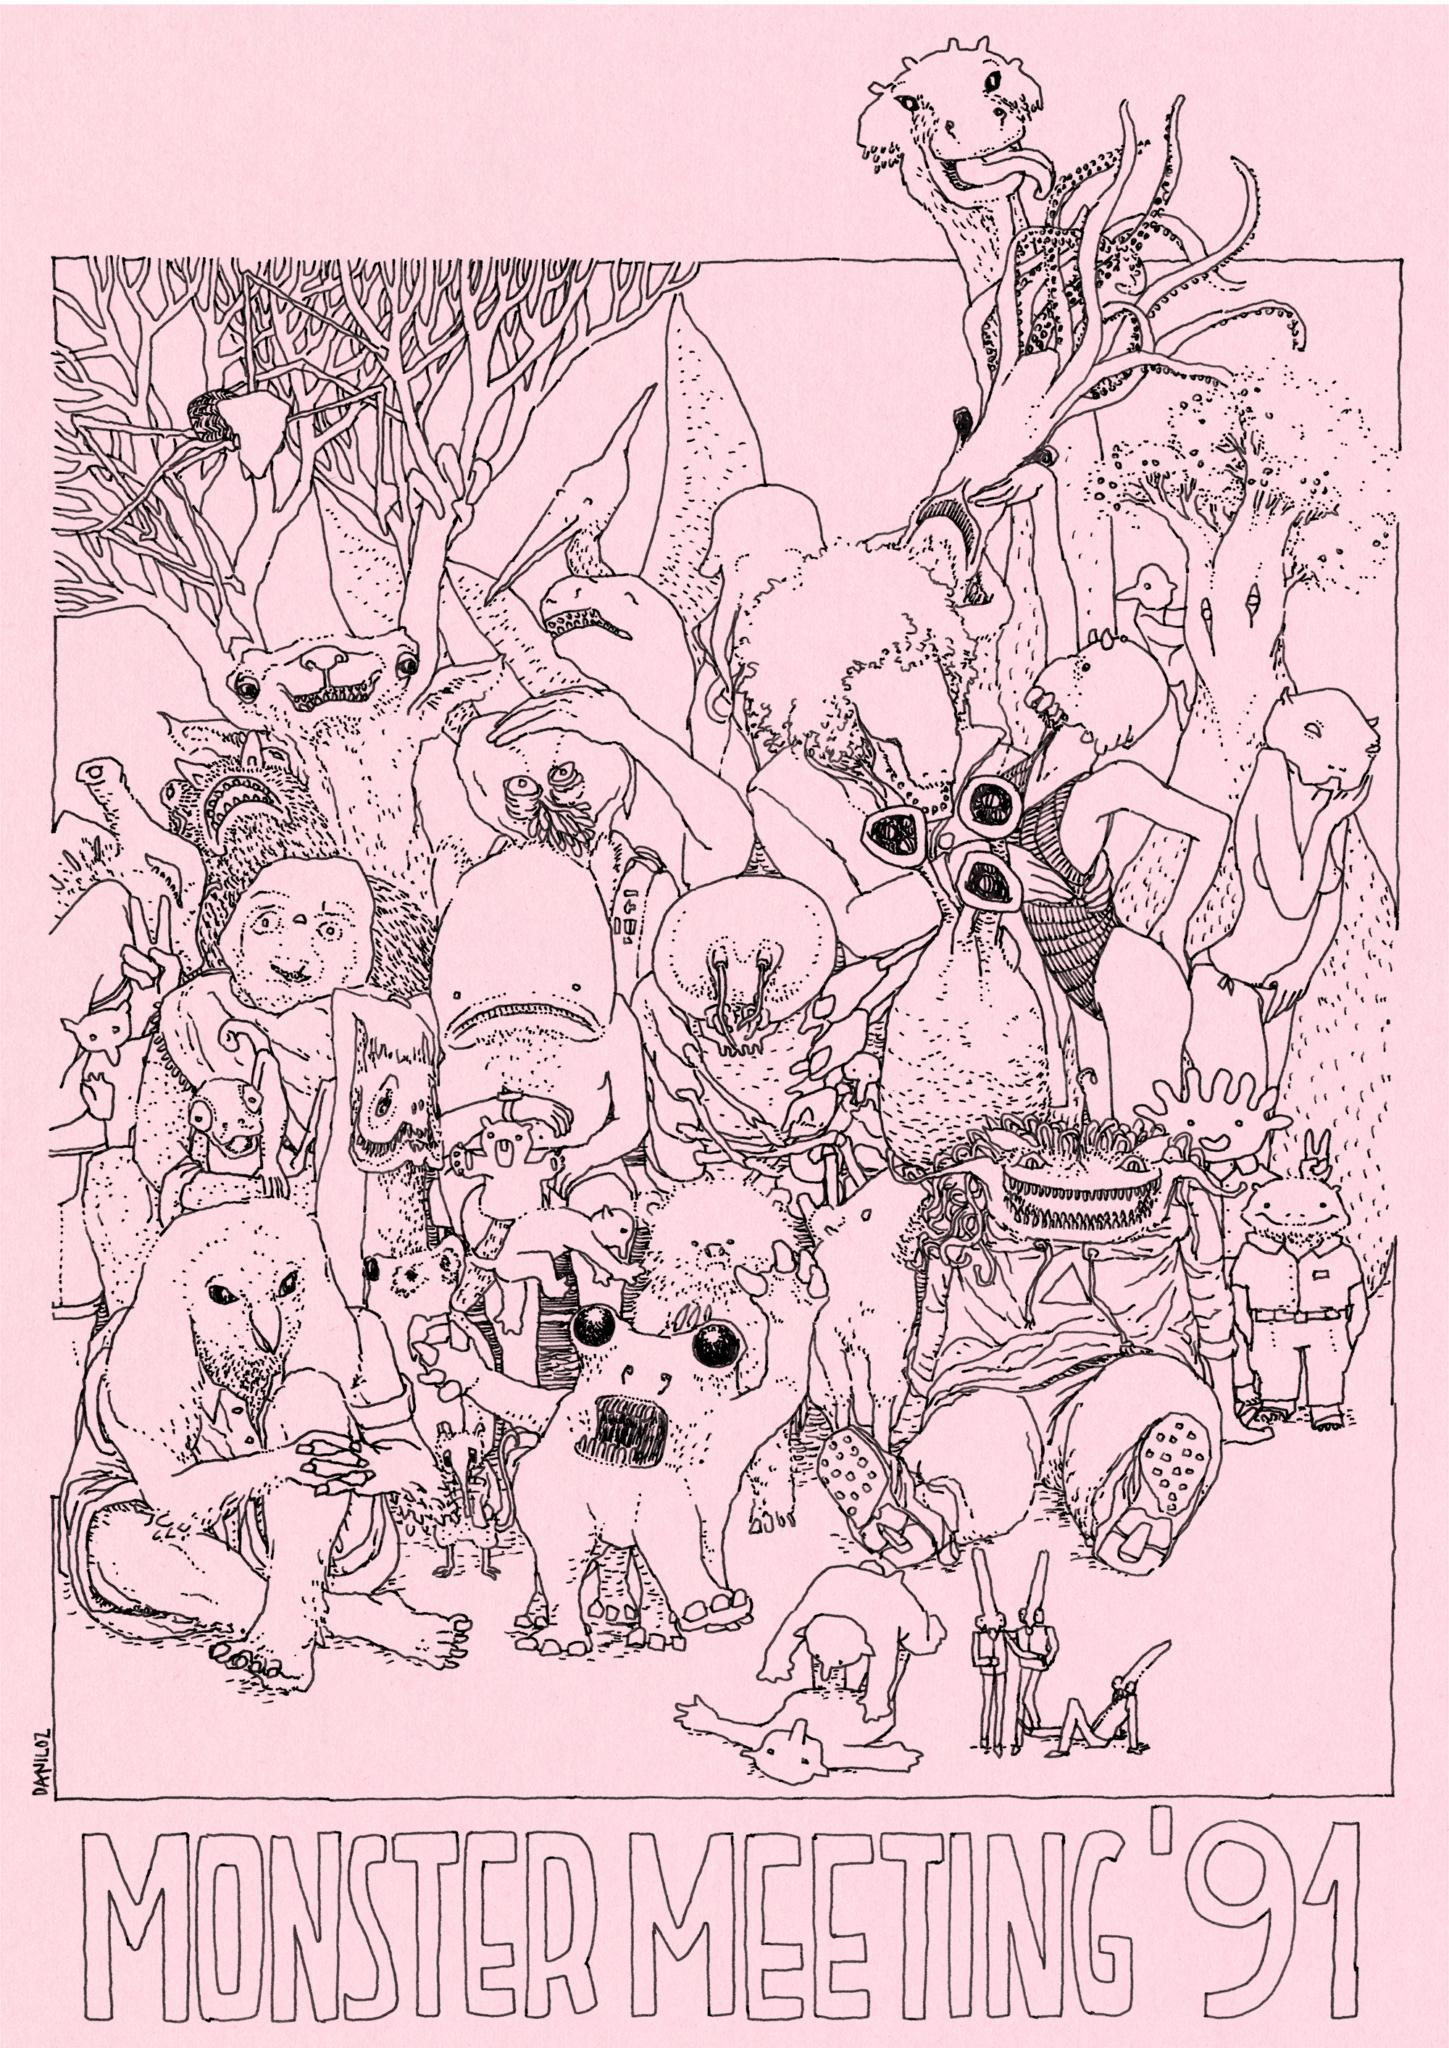 Poster-Monster-Meeting-01-daniloz